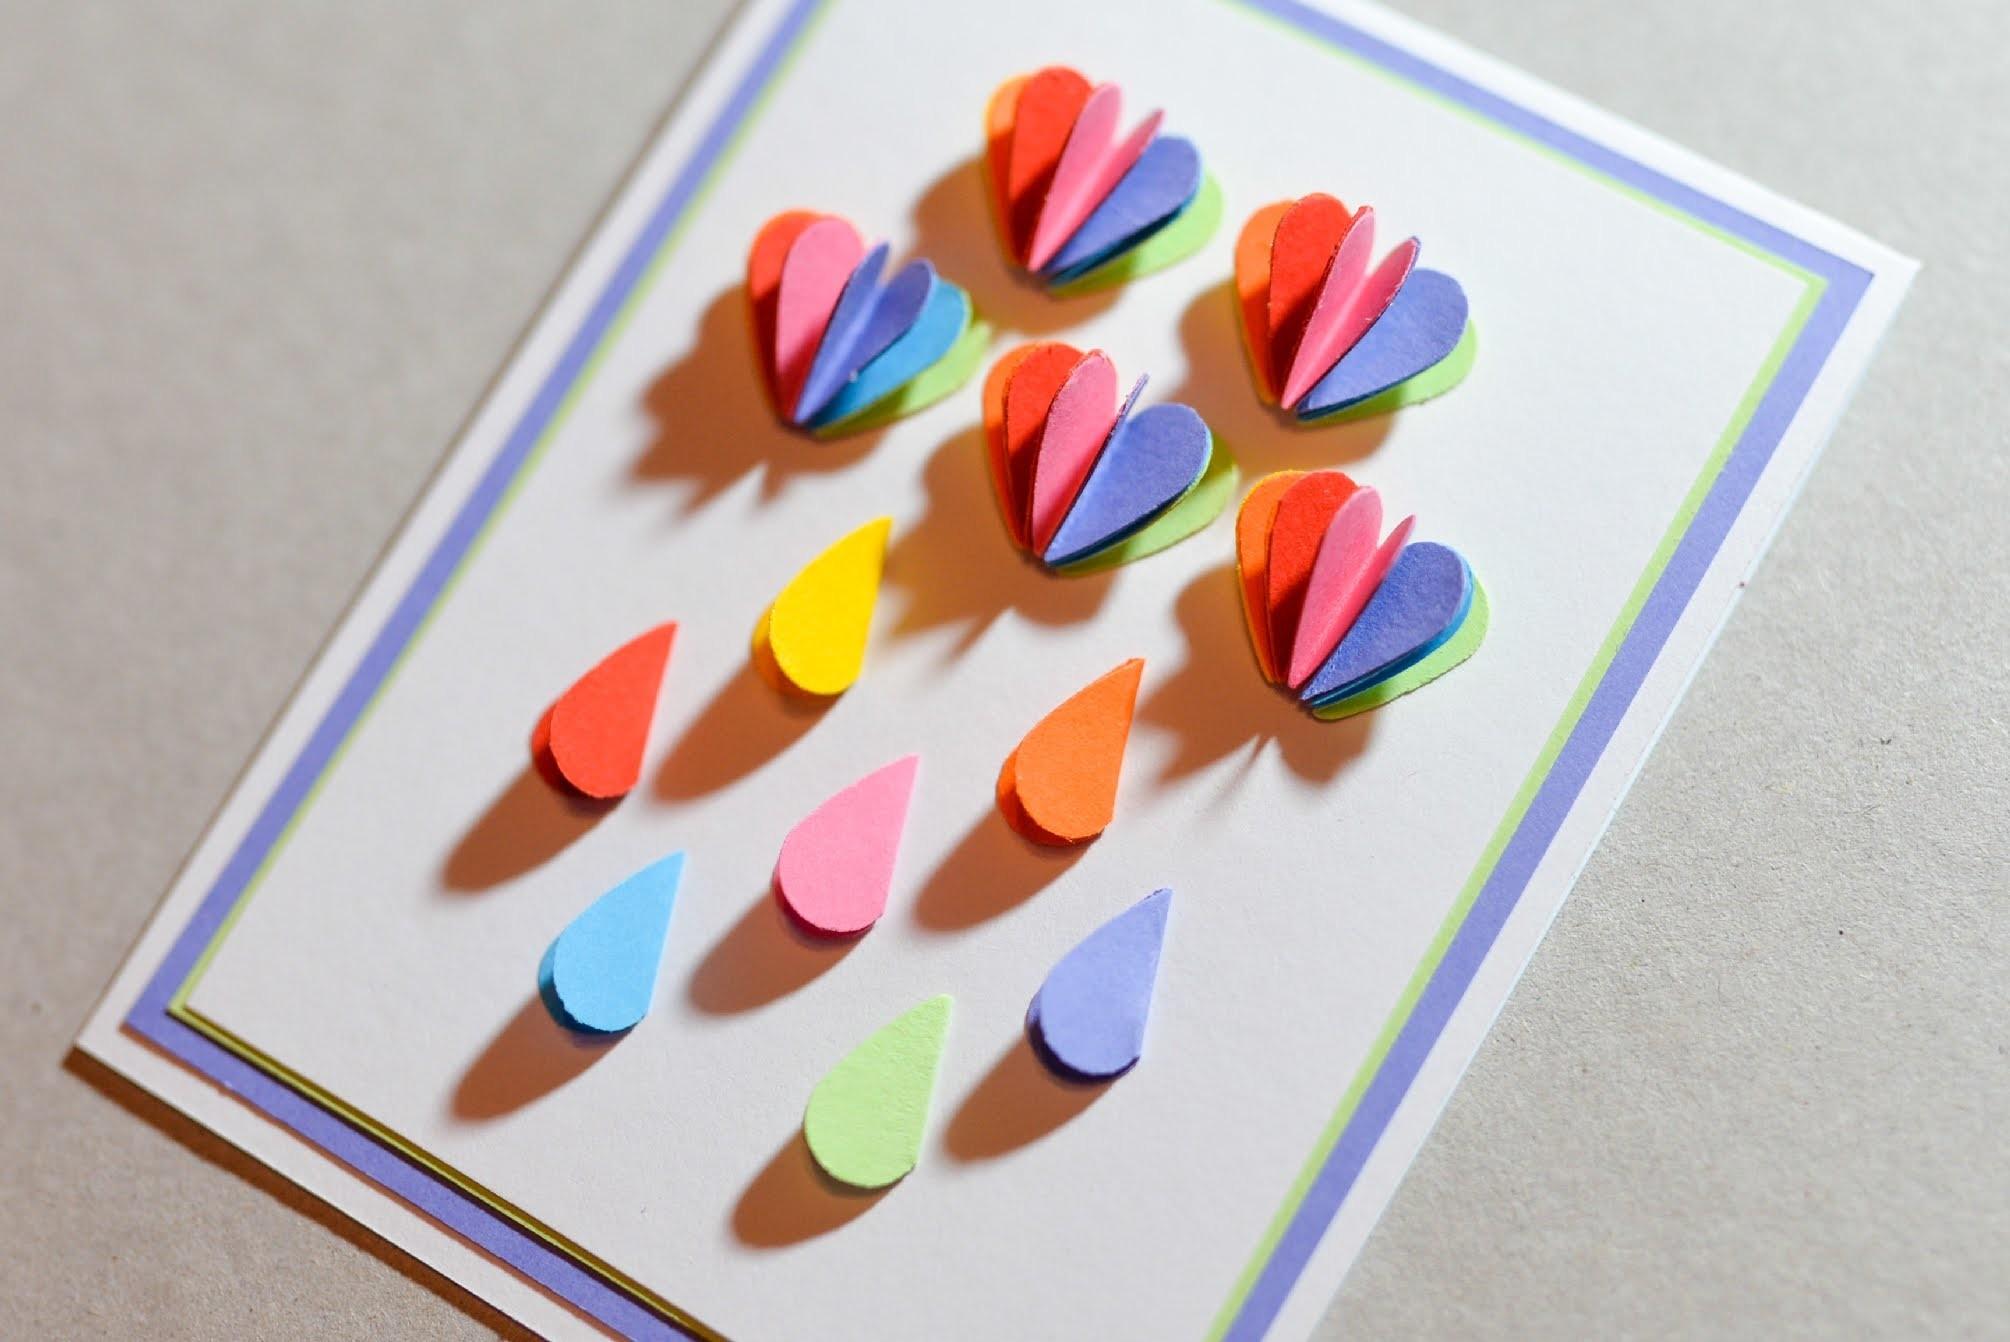 How to Make - Greeting Card Rainbow Rain - Step by Step | Kartka Tęczowy Deszcz